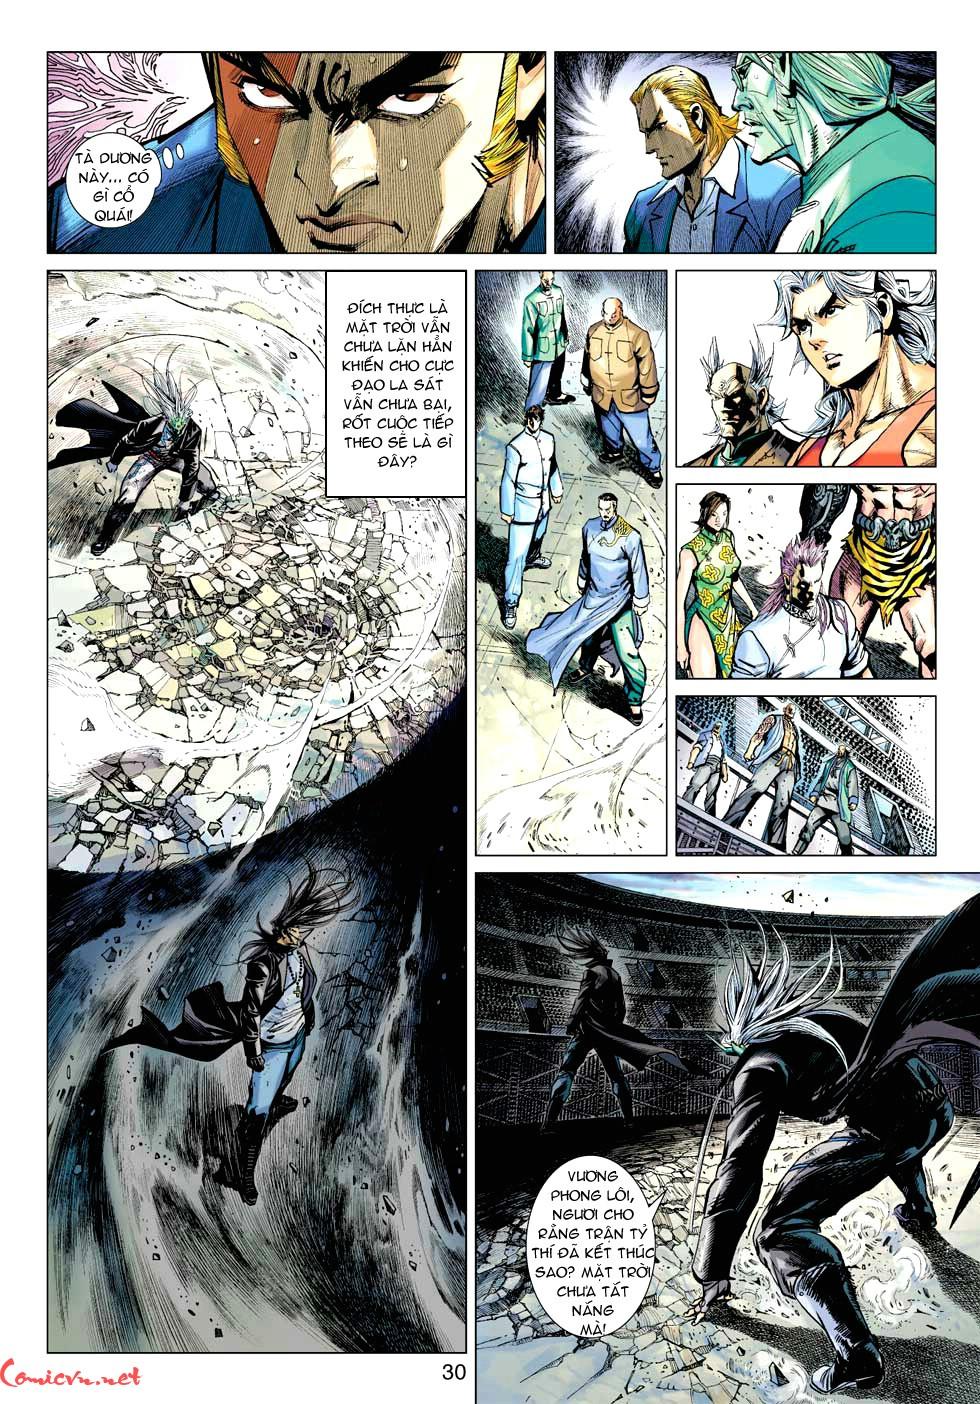 Vương Phong Lôi 1 chap 32 - Trang 29